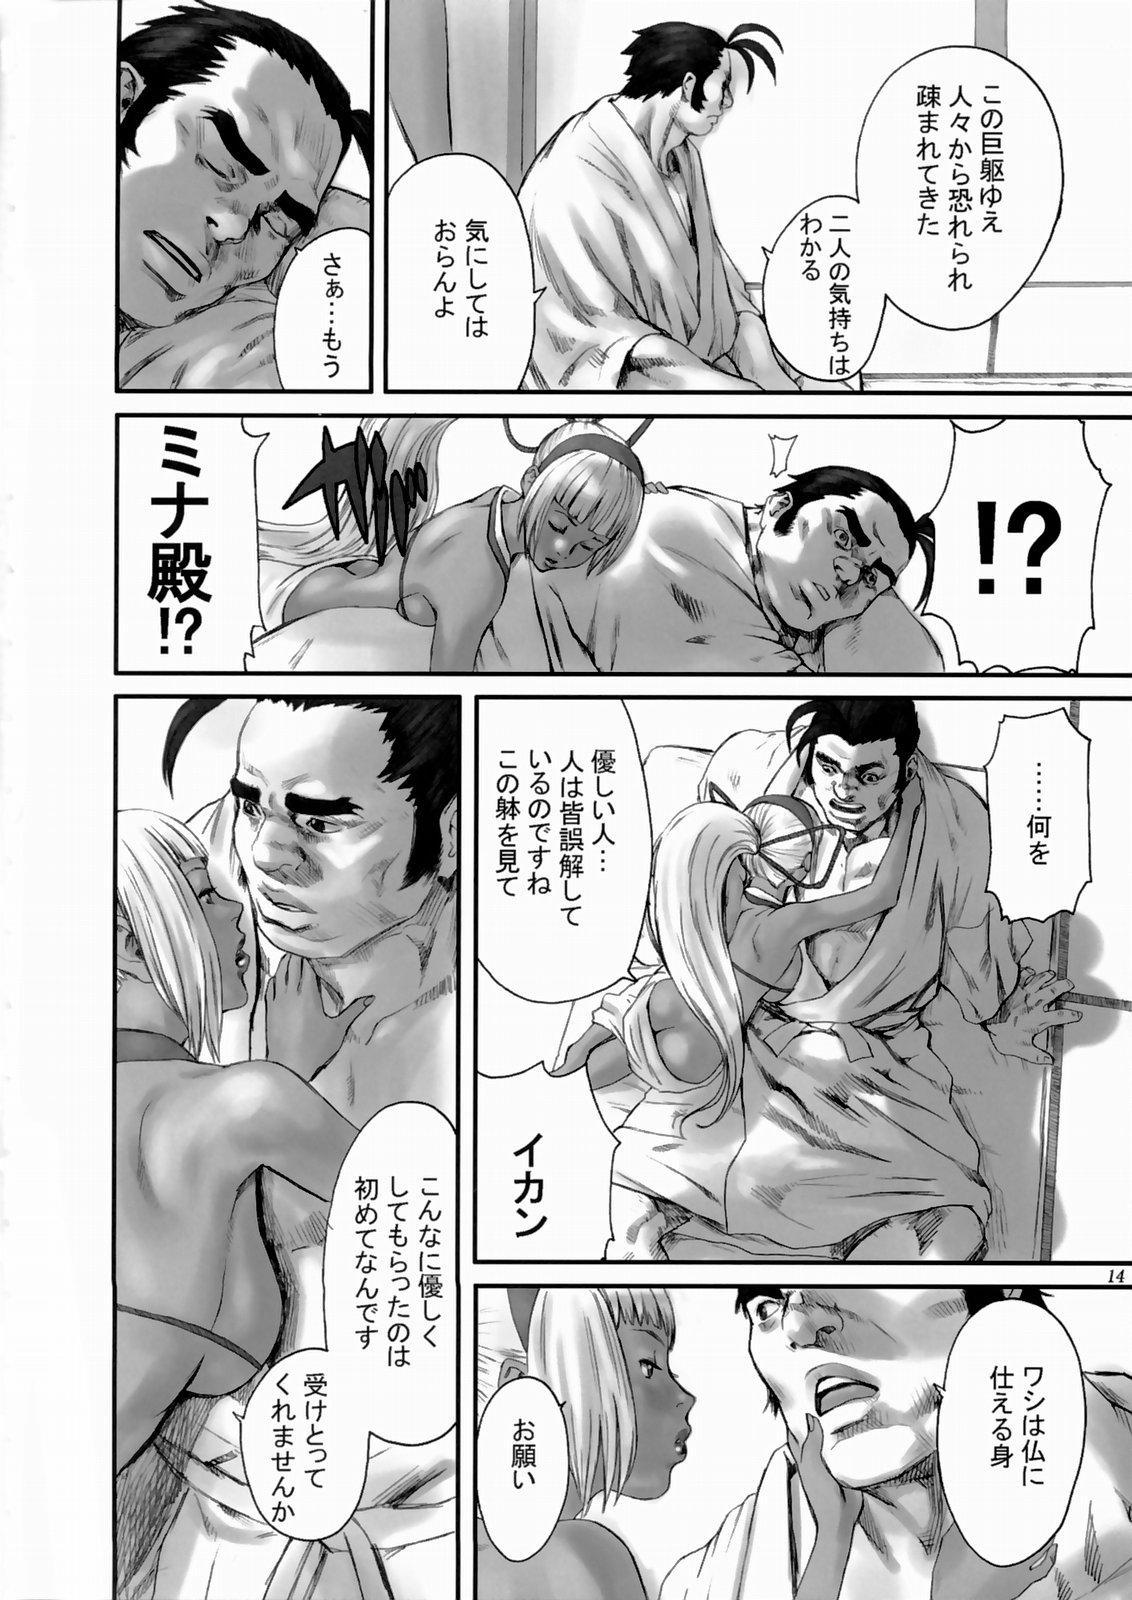 Kengou Dynamite 12